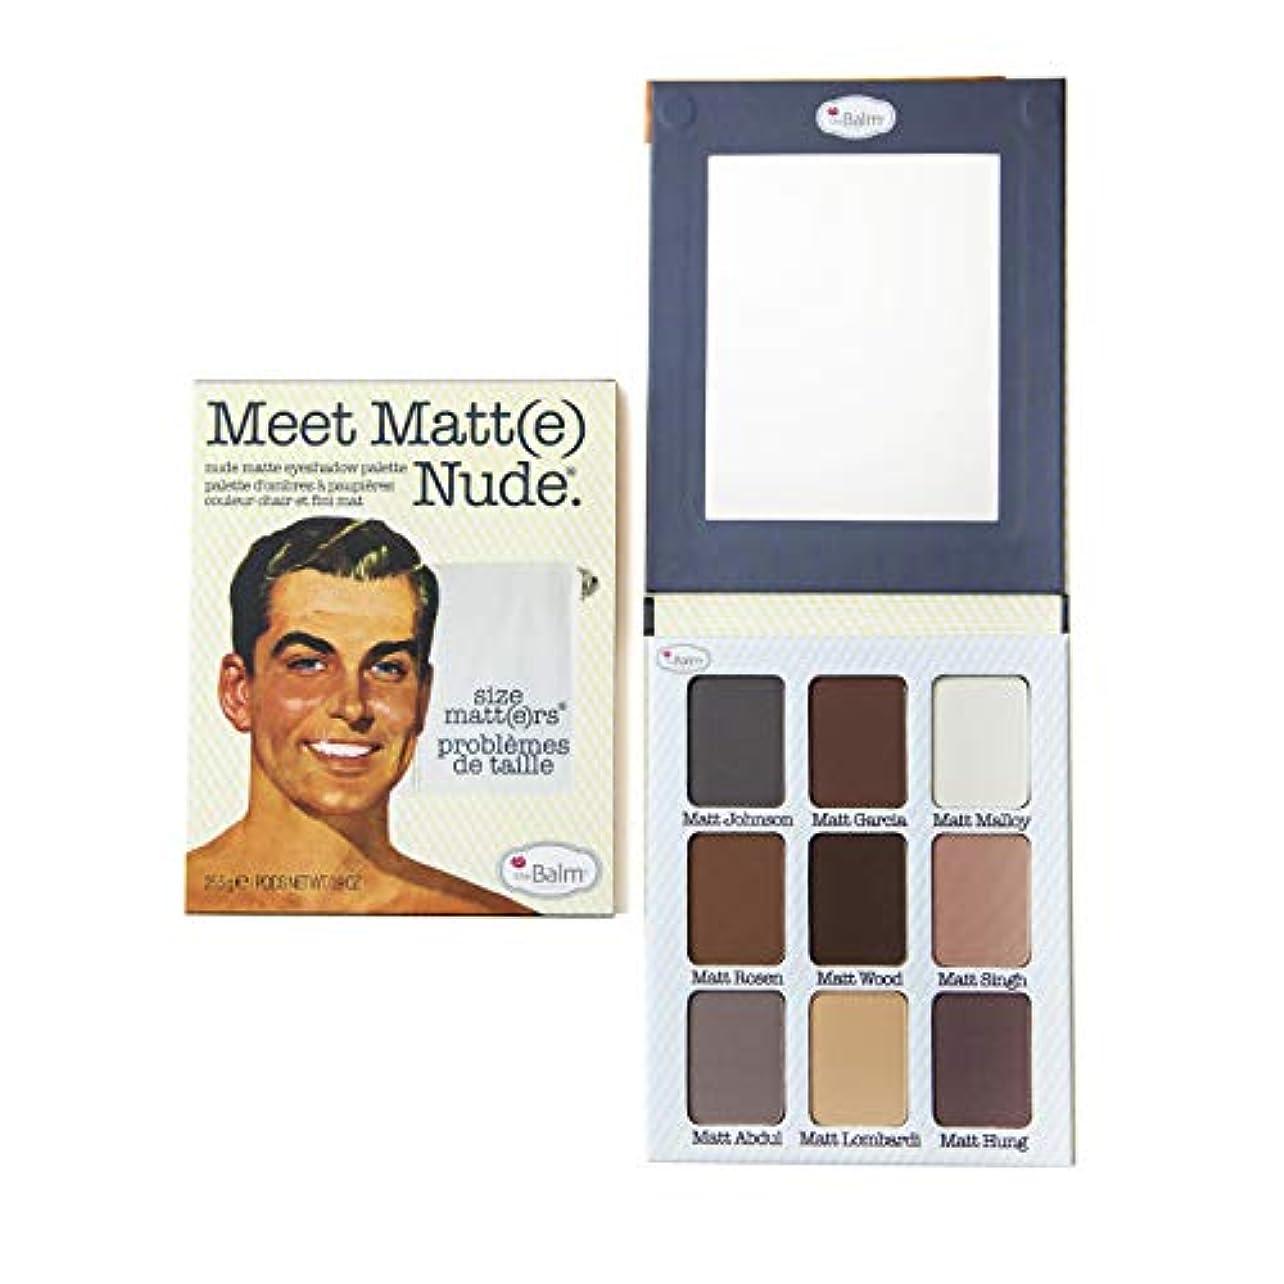 ごちそう扱いやすい乱雑なThe Balm(ザバーム) Meet Matte Nude - Matte Eyeshadow Palette 25.5g/0.9oz